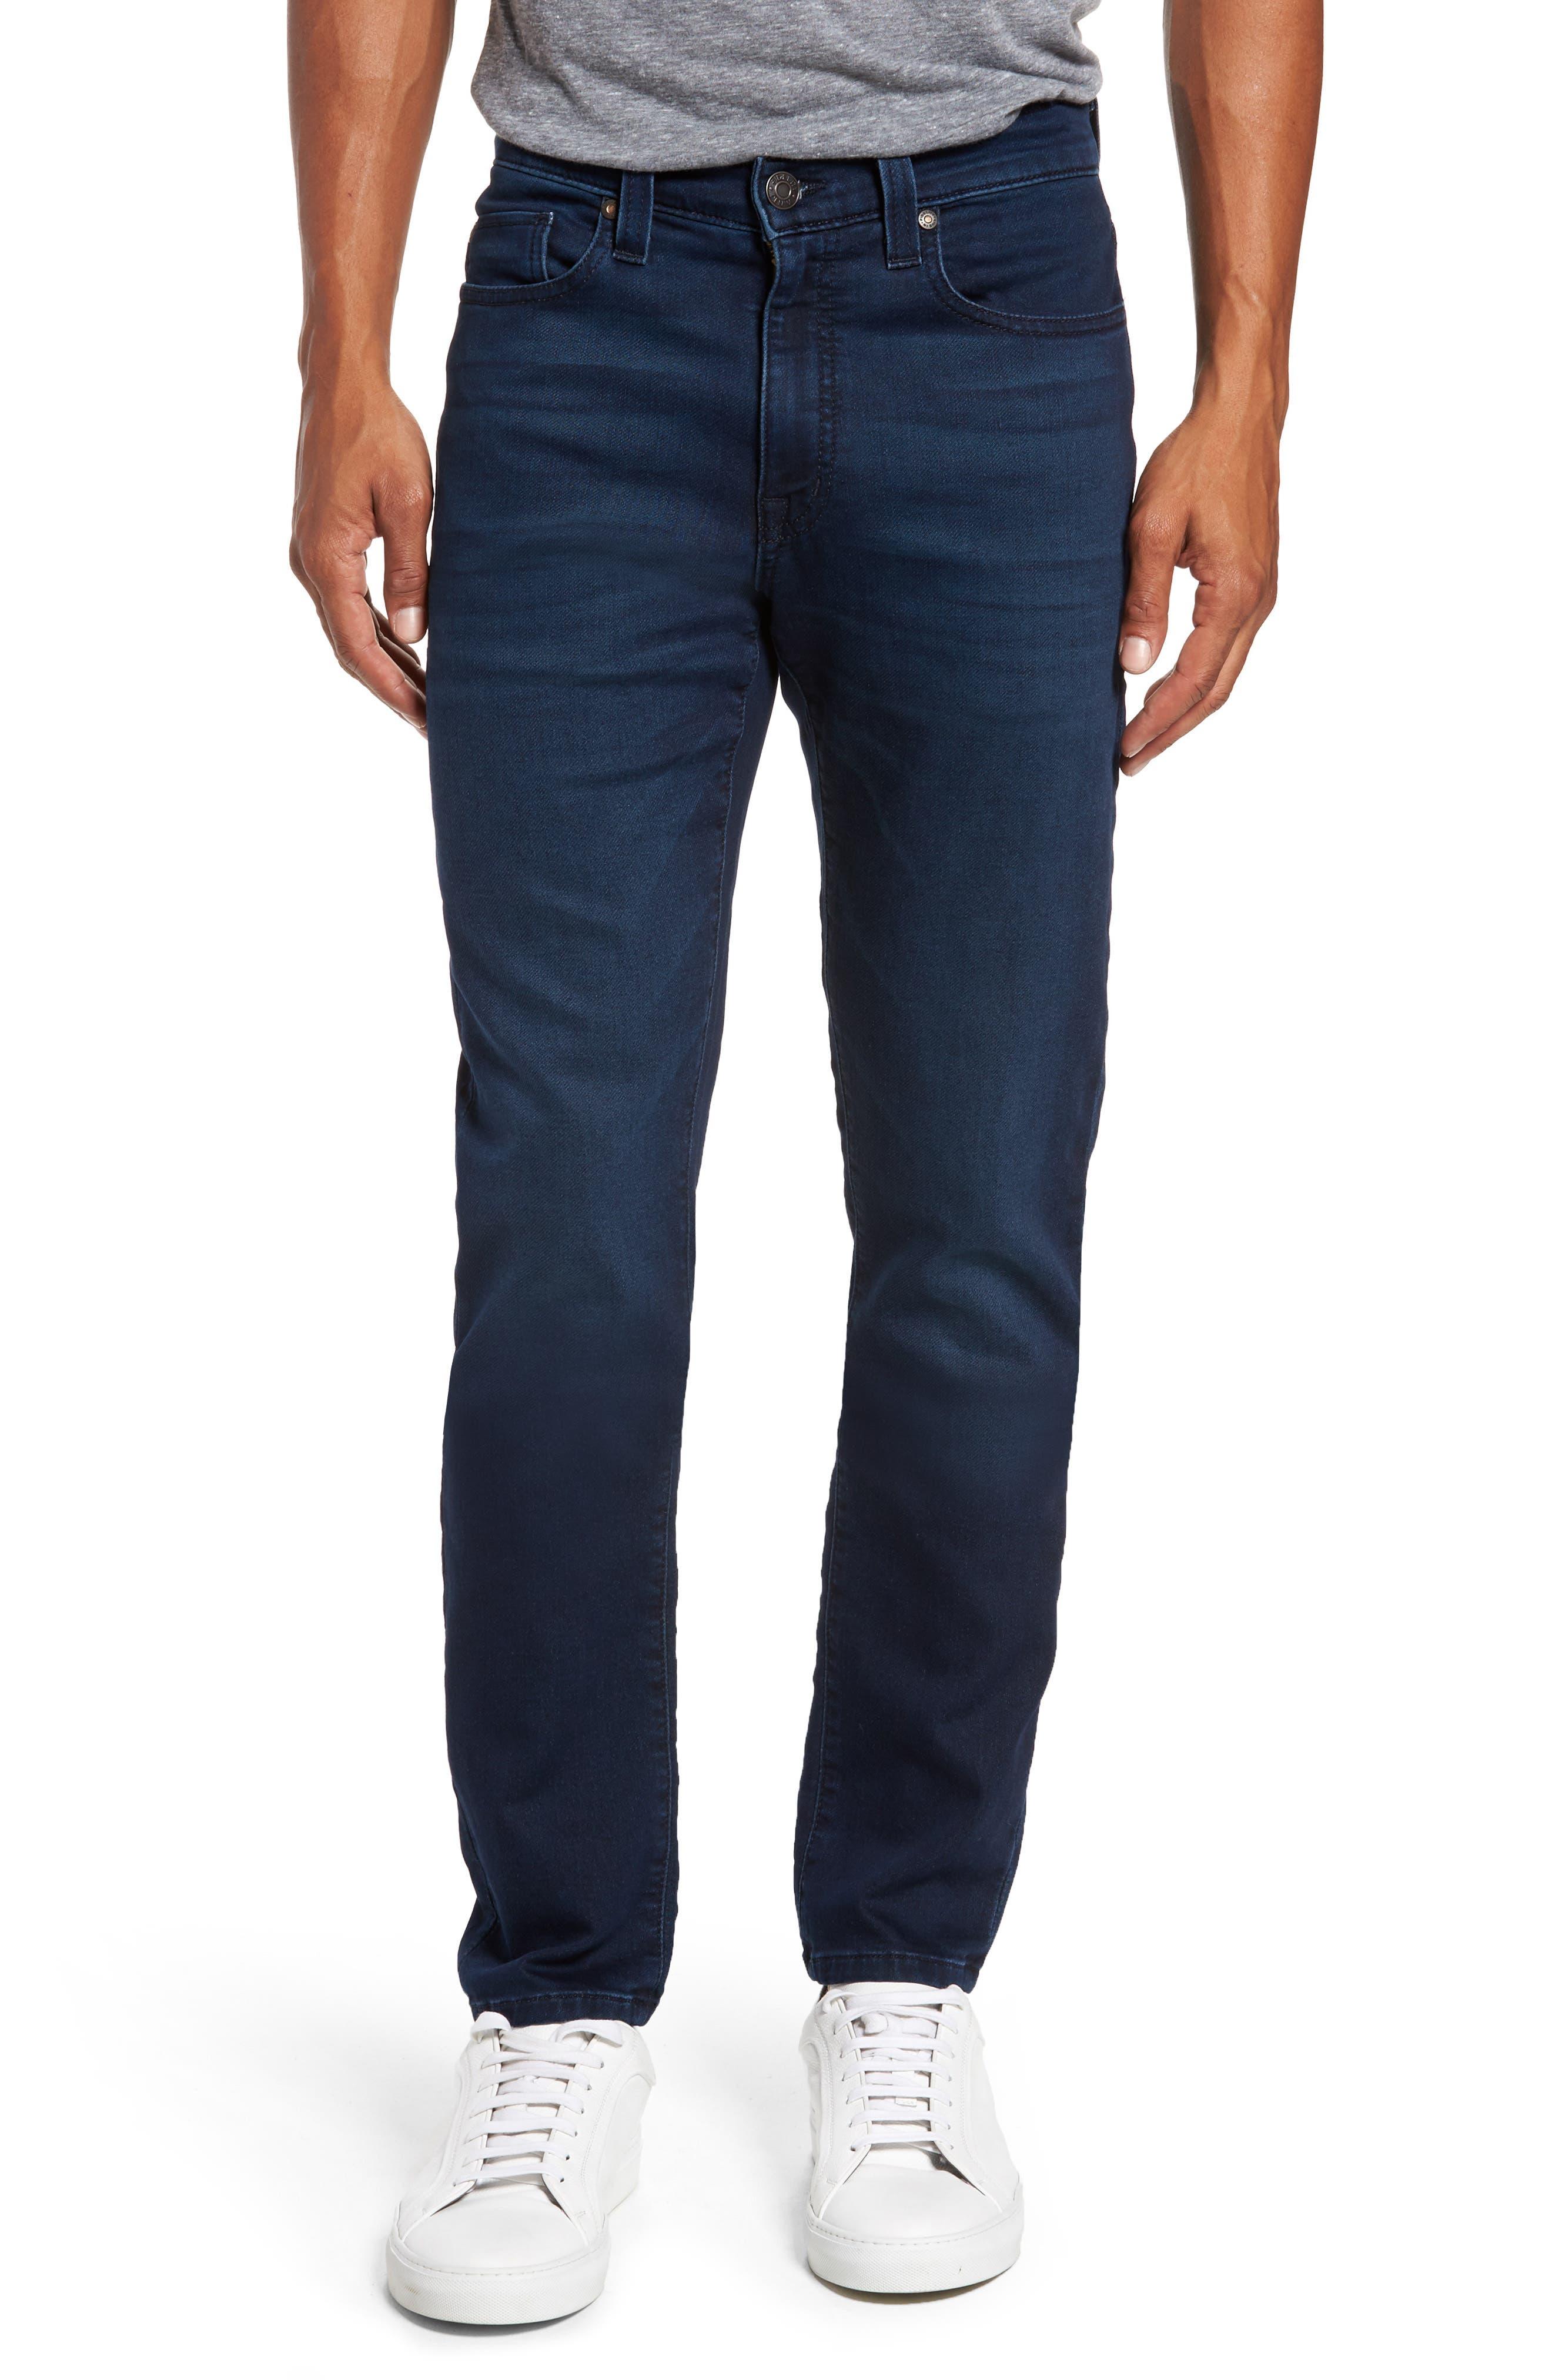 Torino Slim Fit Jeans,                         Main,                         color, Lemmy Blue